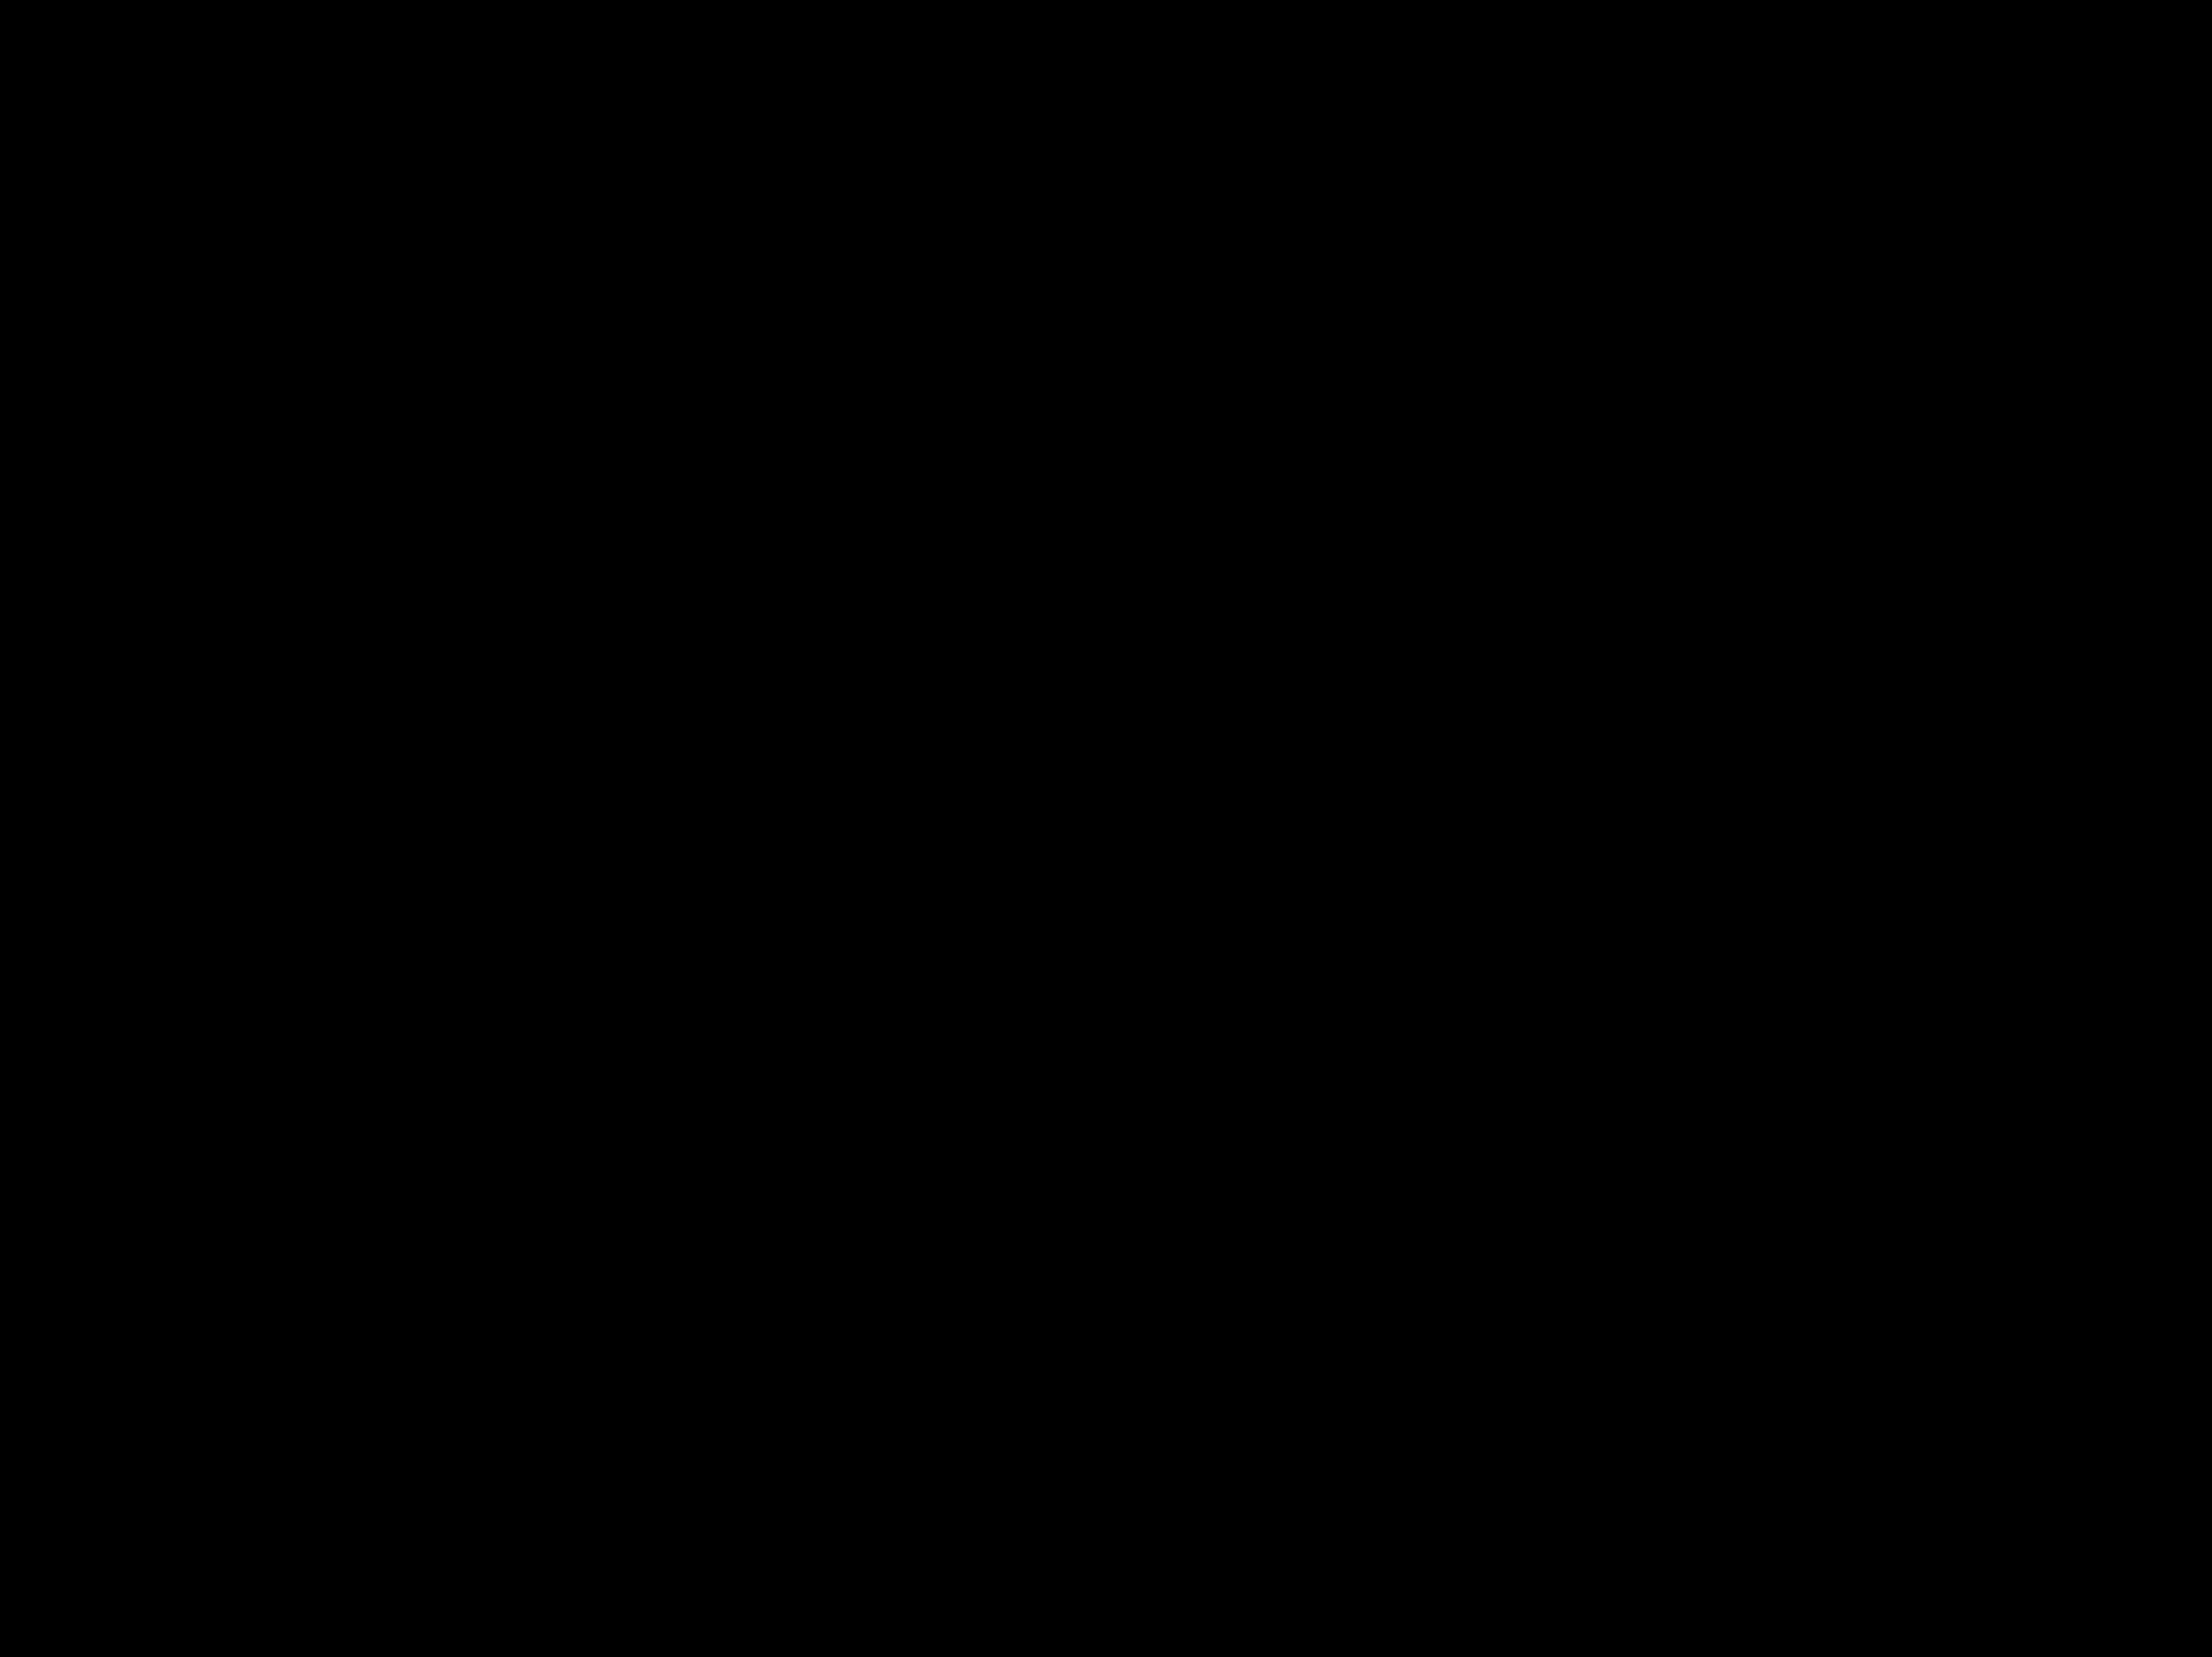 ボールを捉えた野球選手